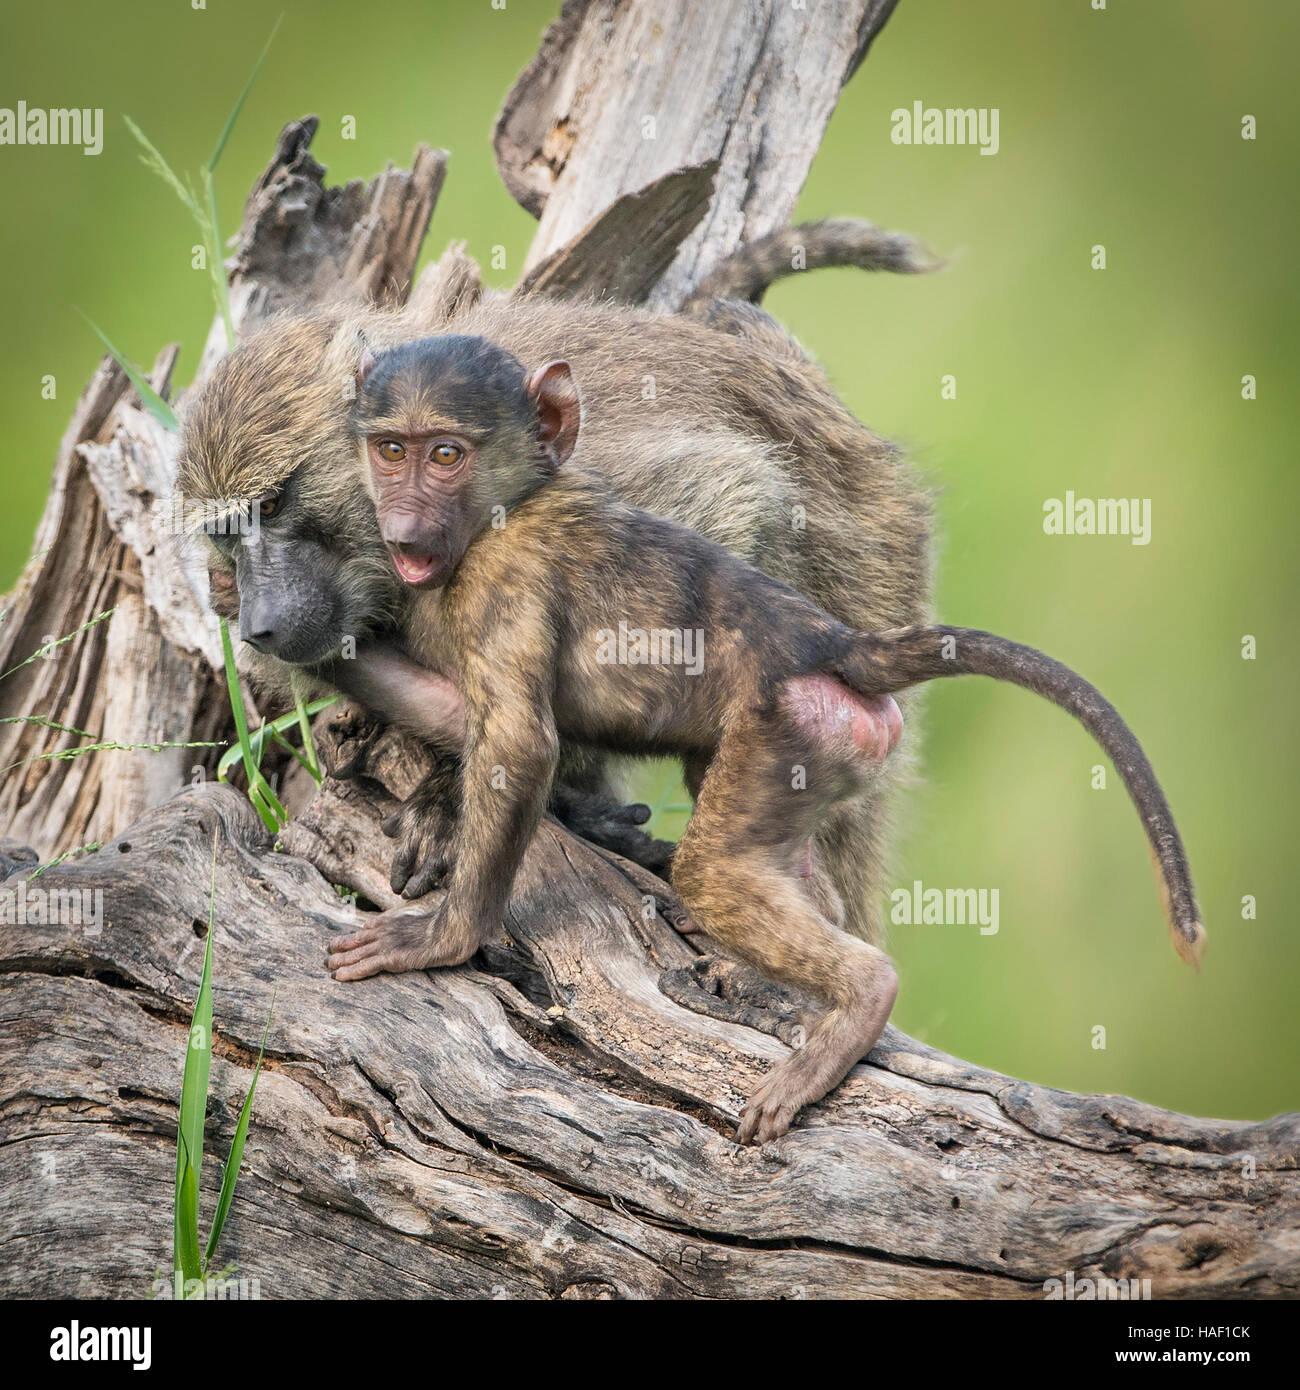 Olive Baboon, Mutter und Kind, kuscheln Stockbild